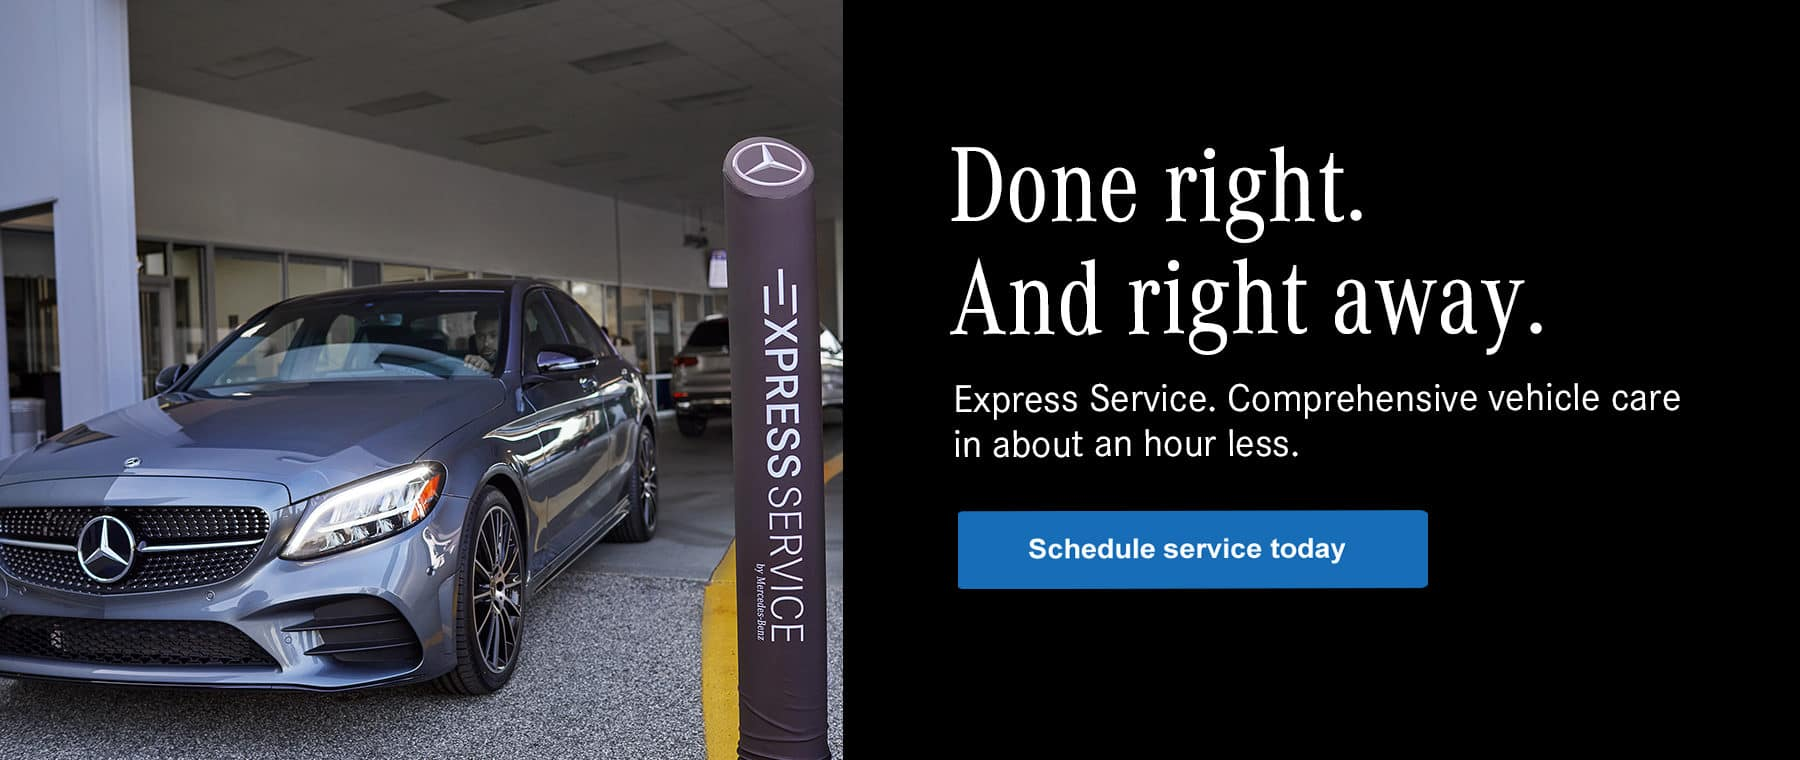 mercedes-benz of greenwich express service